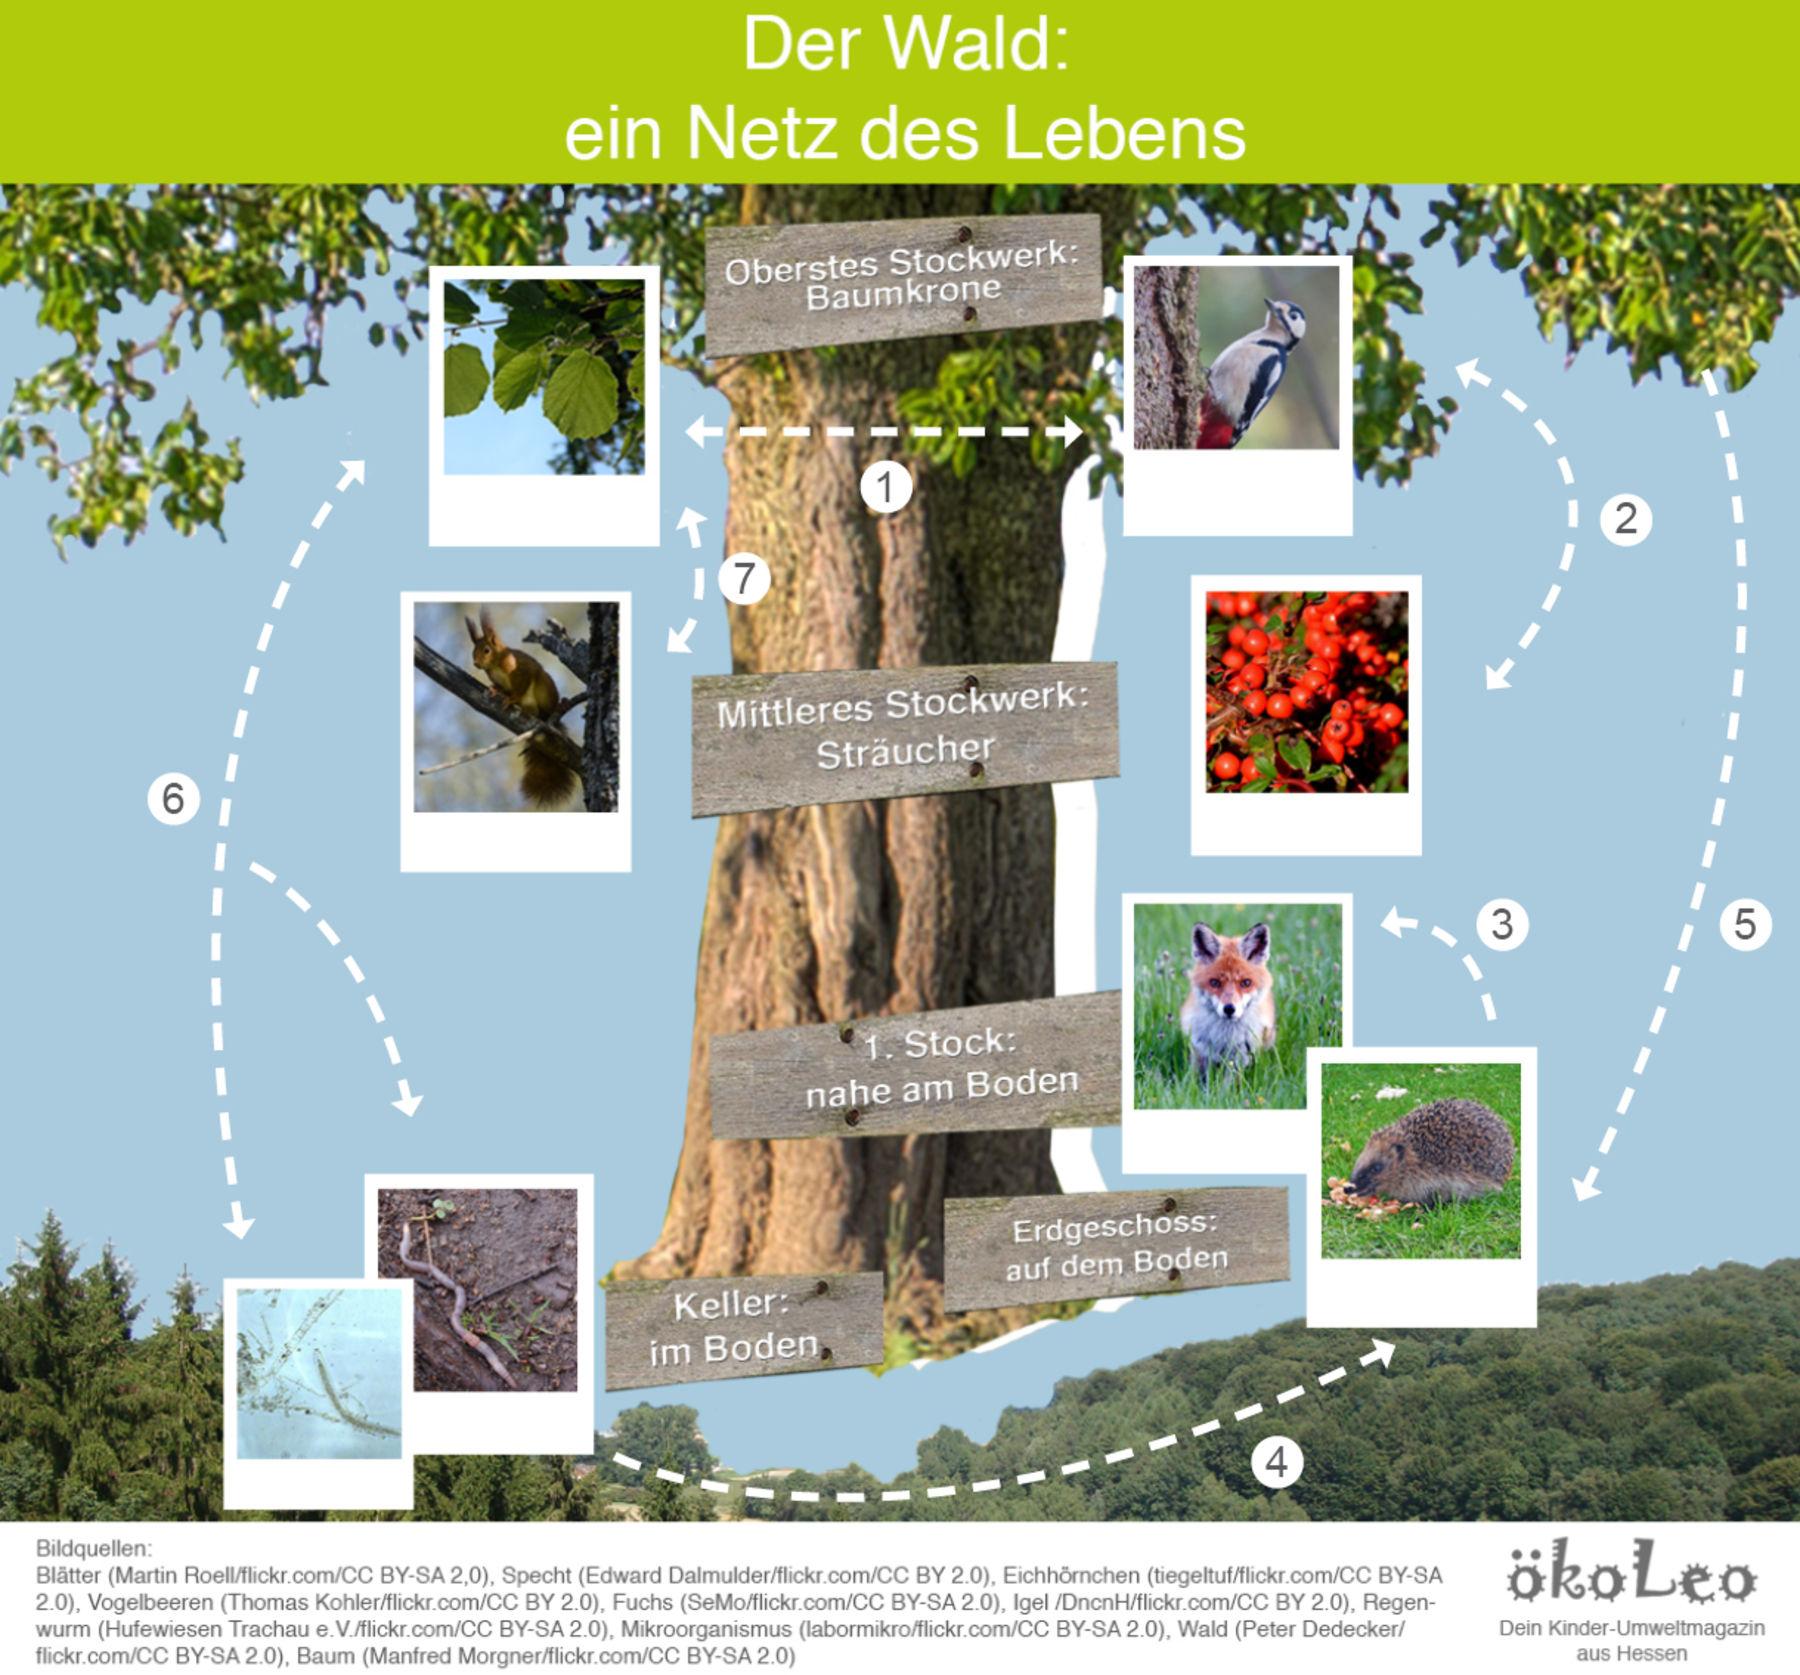 Das Netz Des Lebens Im Wald Okoleo Umwelt Und Naturschutz Fur